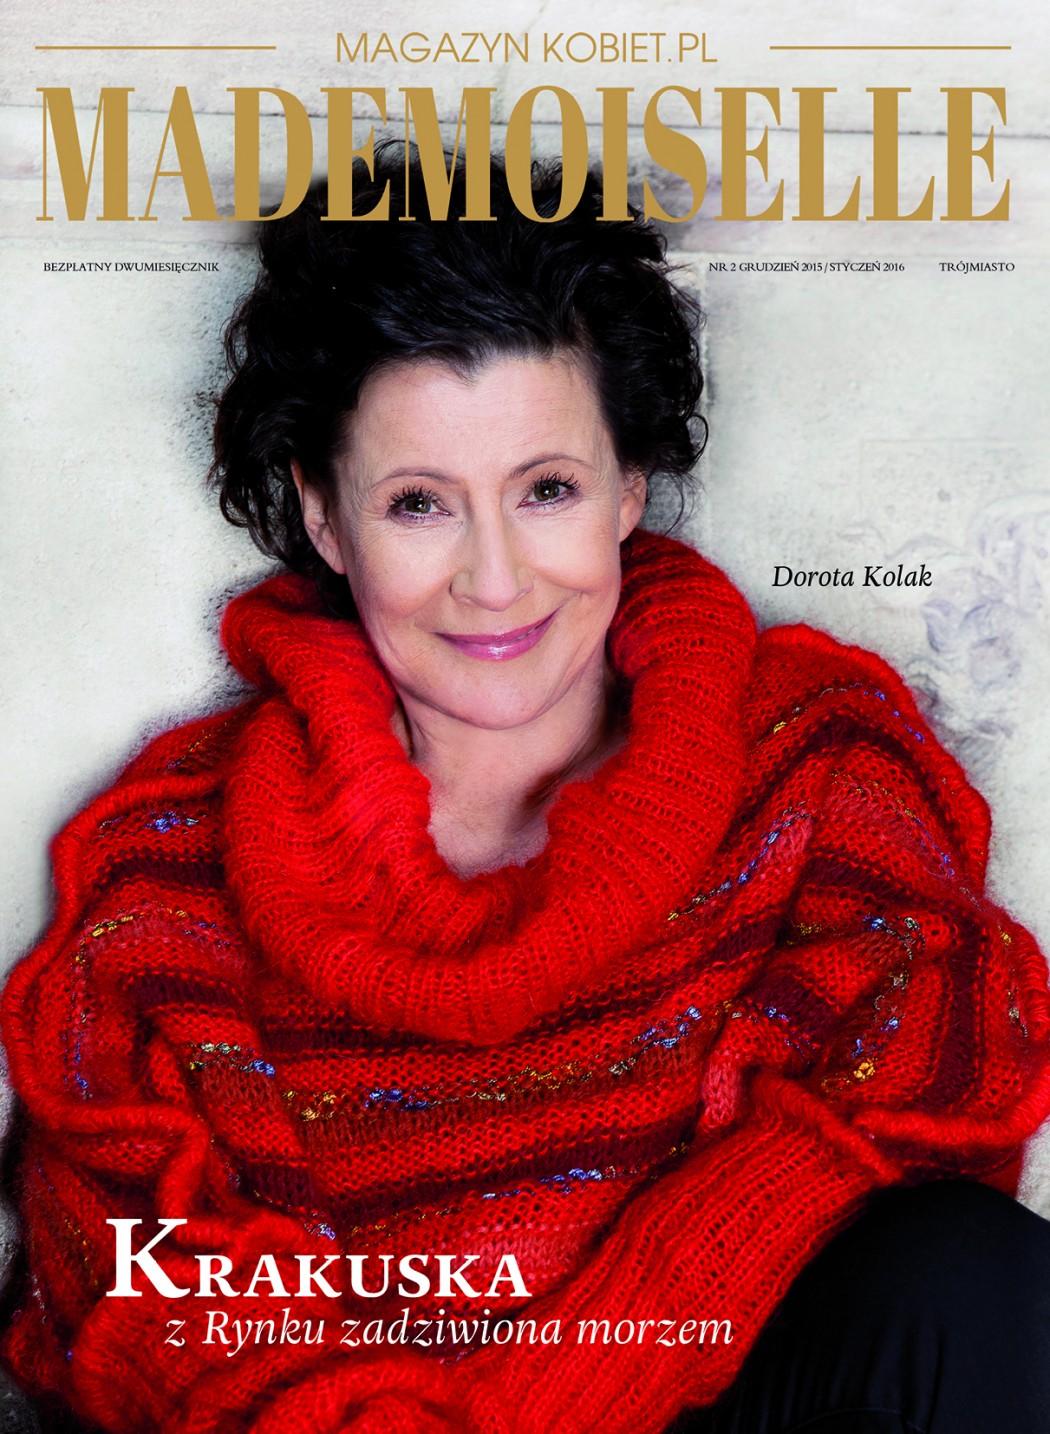 magazynkobiet.pl - Magazyn Kobiet numer 2 1050x1434 - Nowy numer Magazynu Kobiet już dostępny!